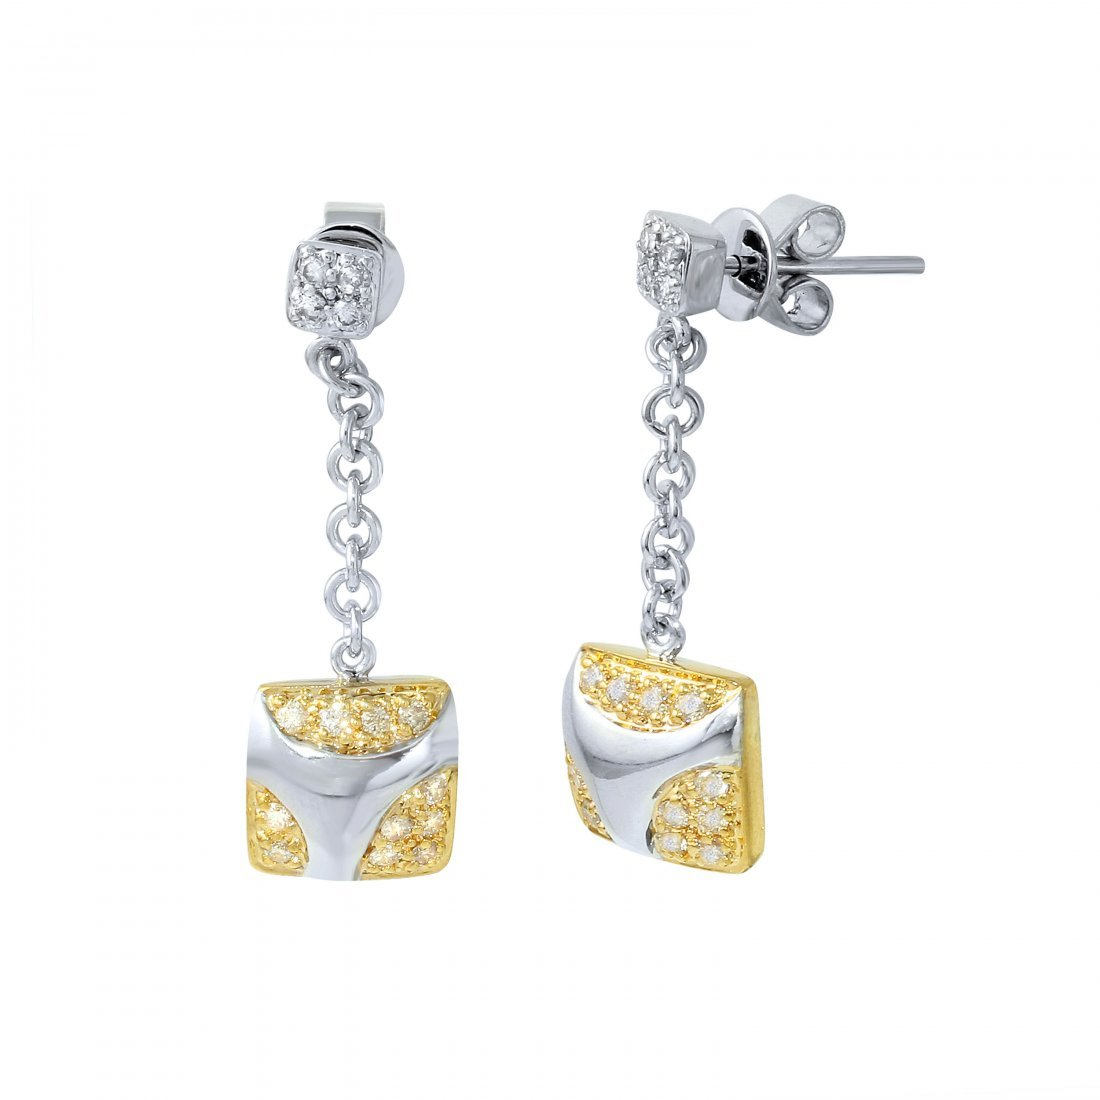 14KT Two Tone Gold Diamond Dangle Earrings